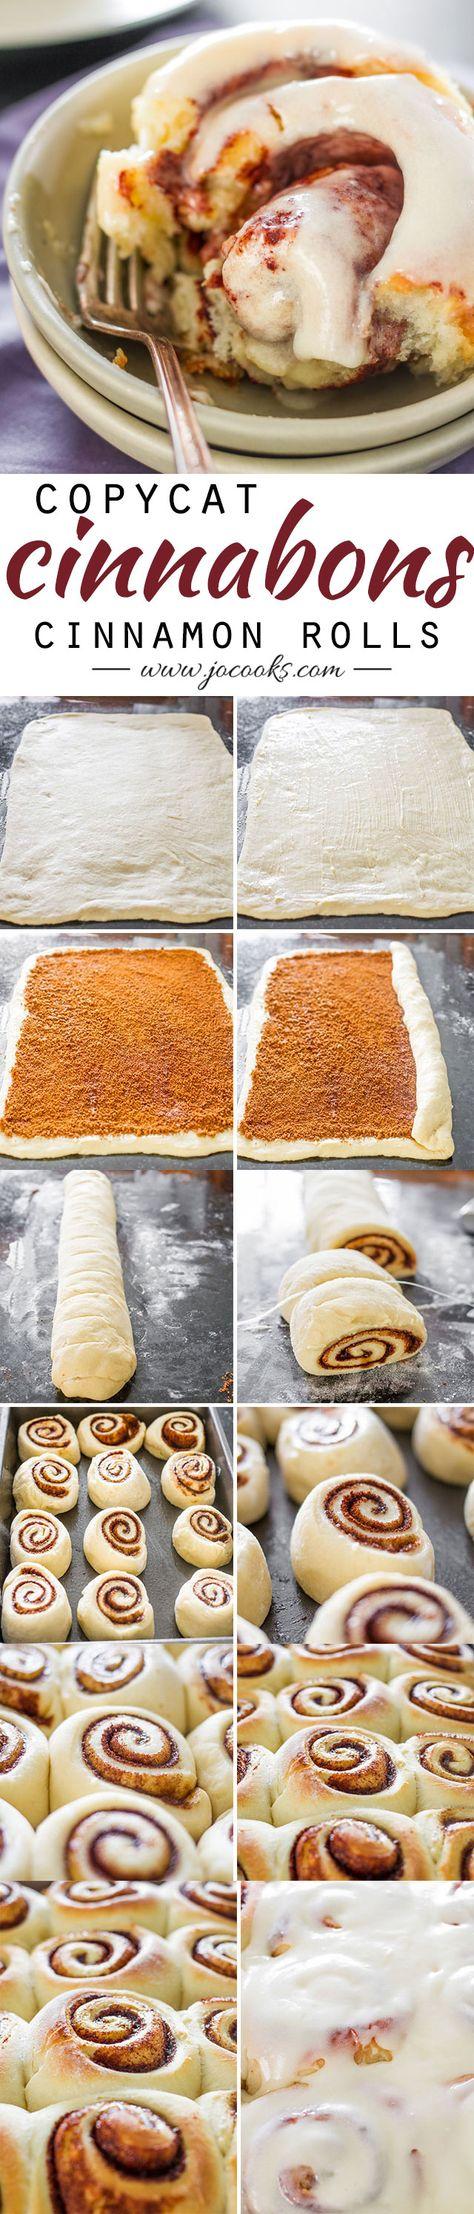 Cinnabons Cinnamon Rolls. Etwas zu süß, lieber ein bisschen weniger Zucker. Sonst der Hammer!